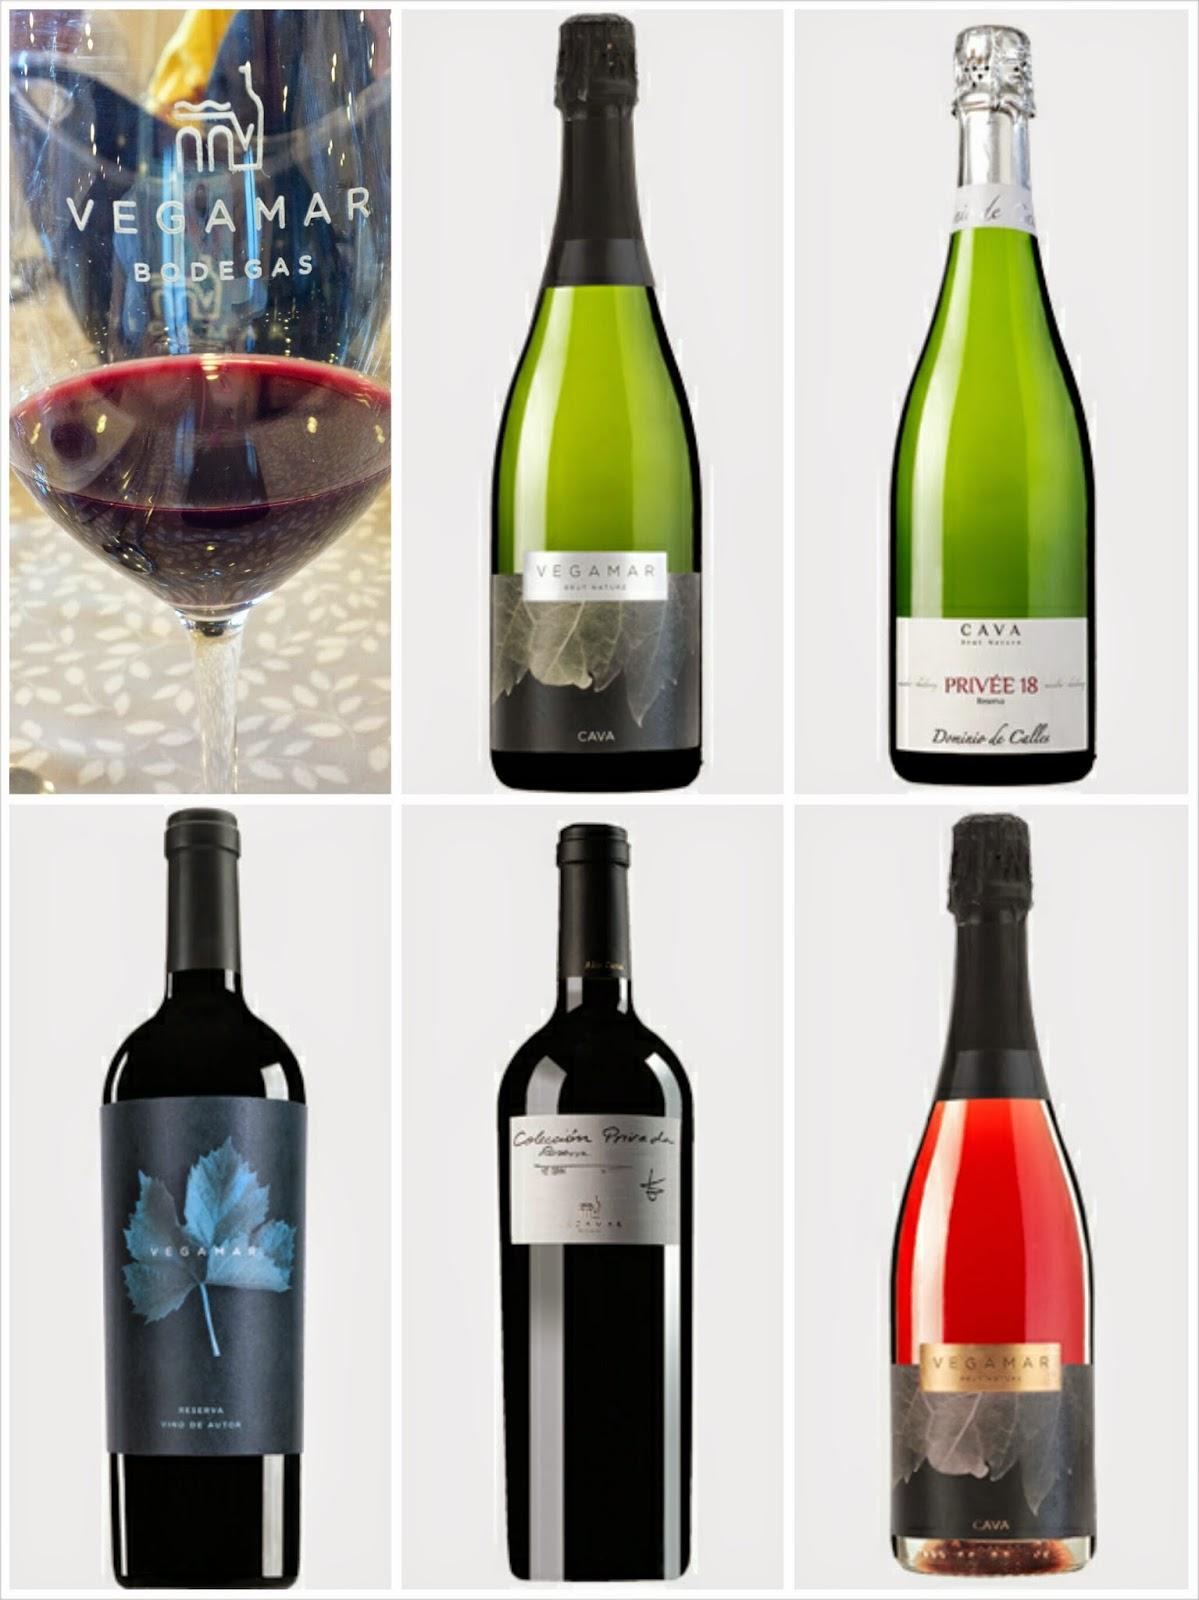 Seleccion Vinos y Cavas Vegamar